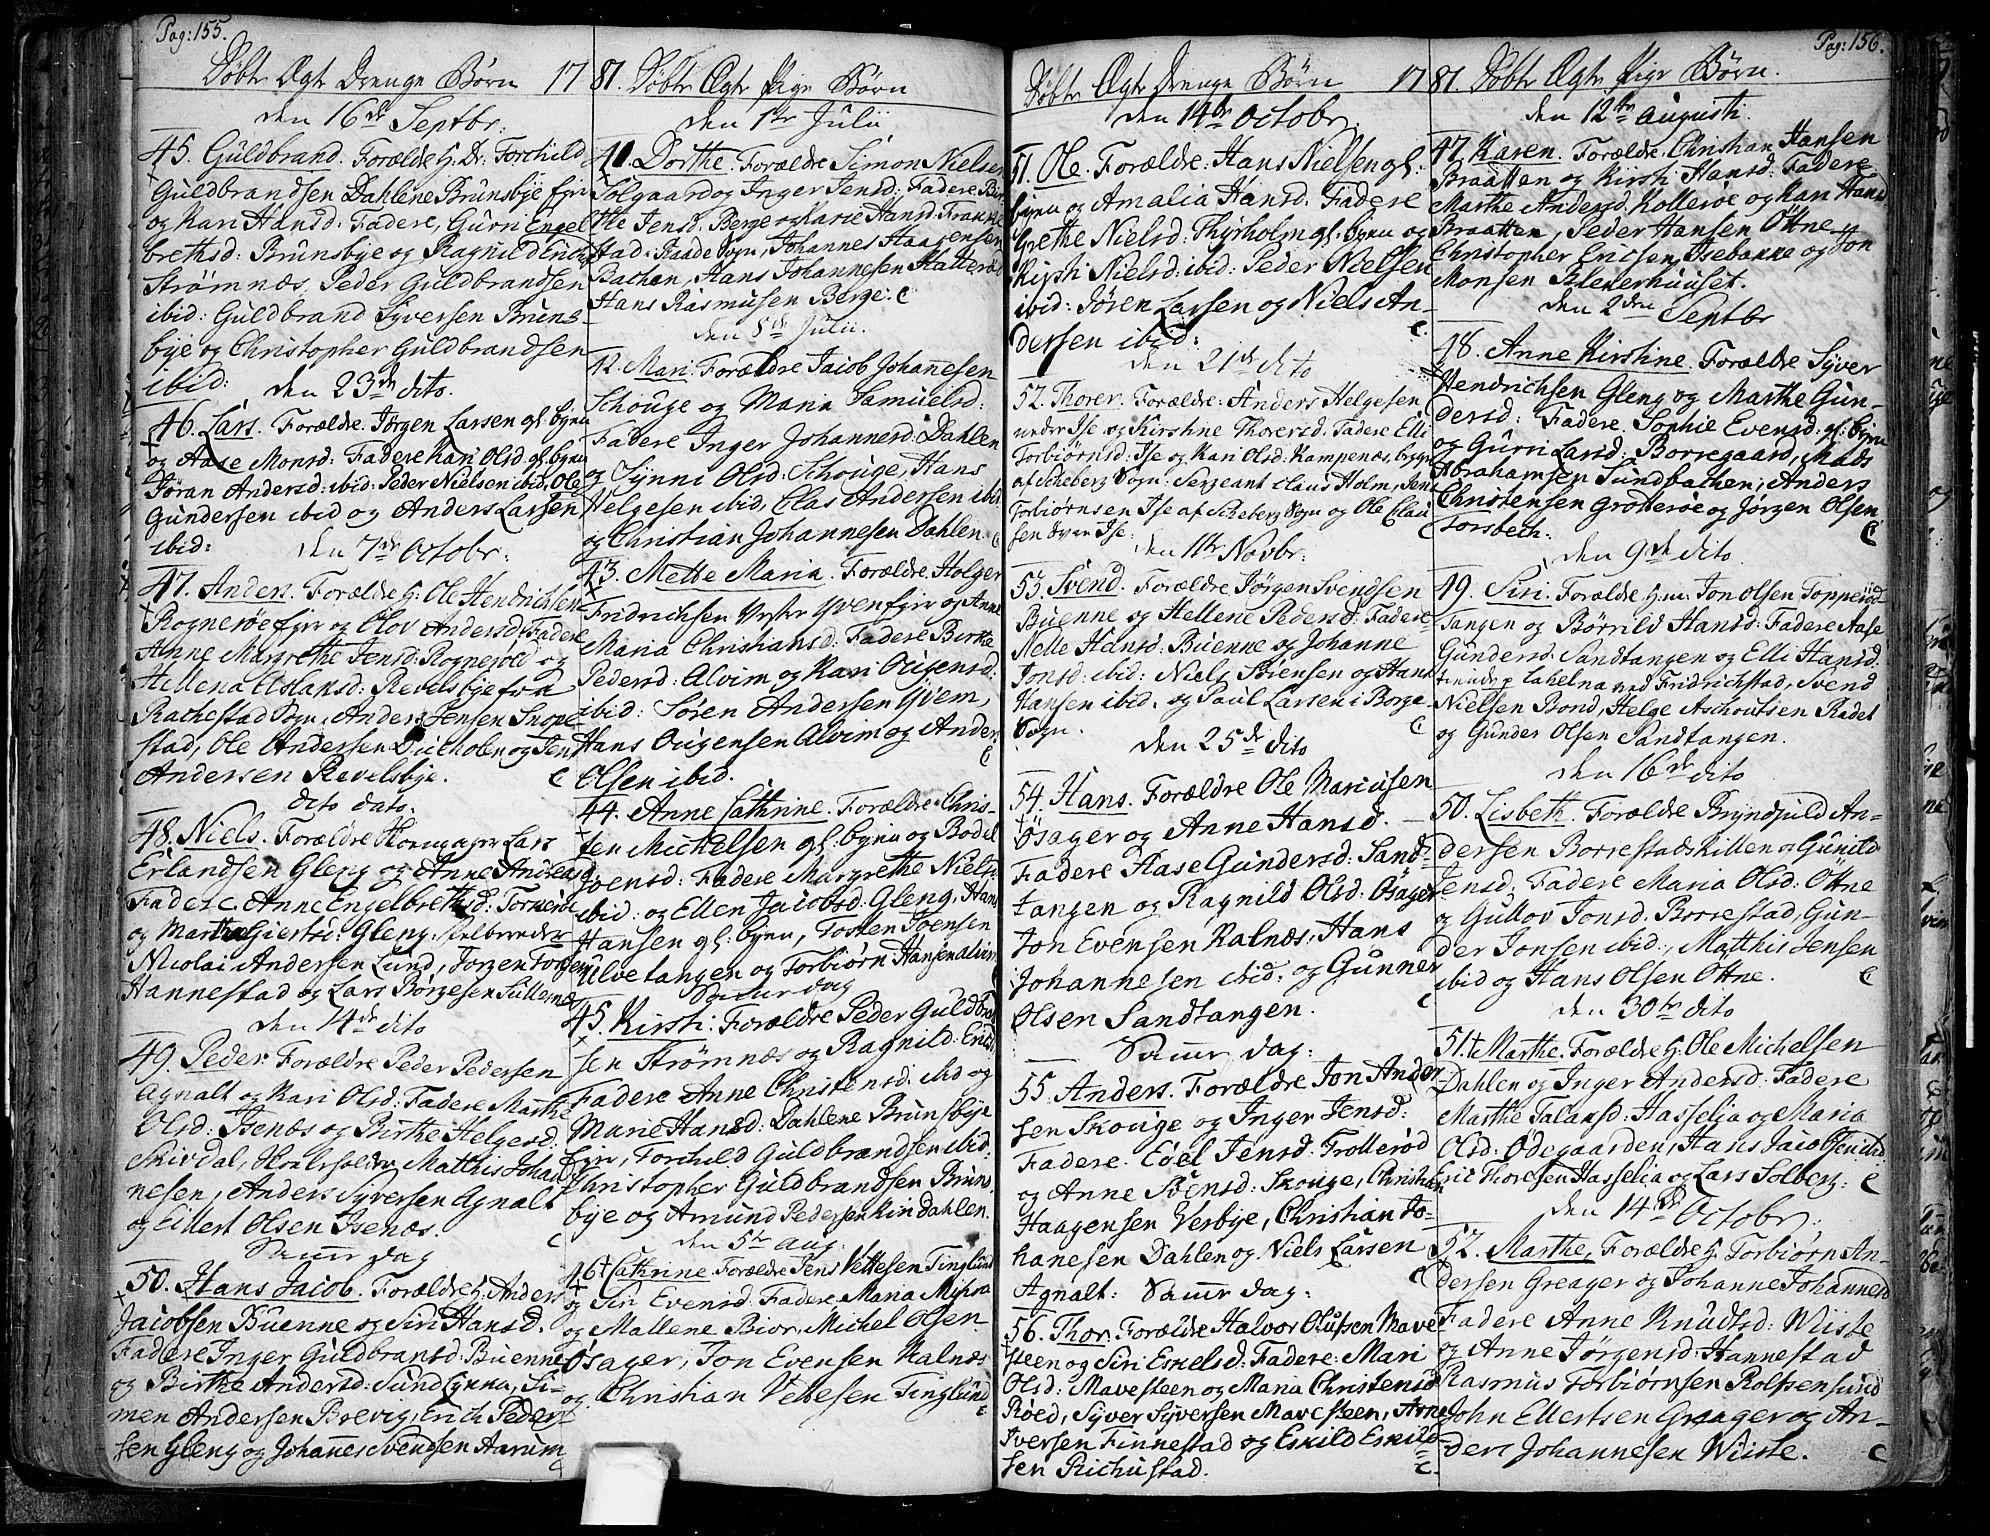 SAO, Tune prestekontor Kirkebøker, F/Fa/L0002: Ministerialbok nr. 2, 1758-1781, s. 155-156